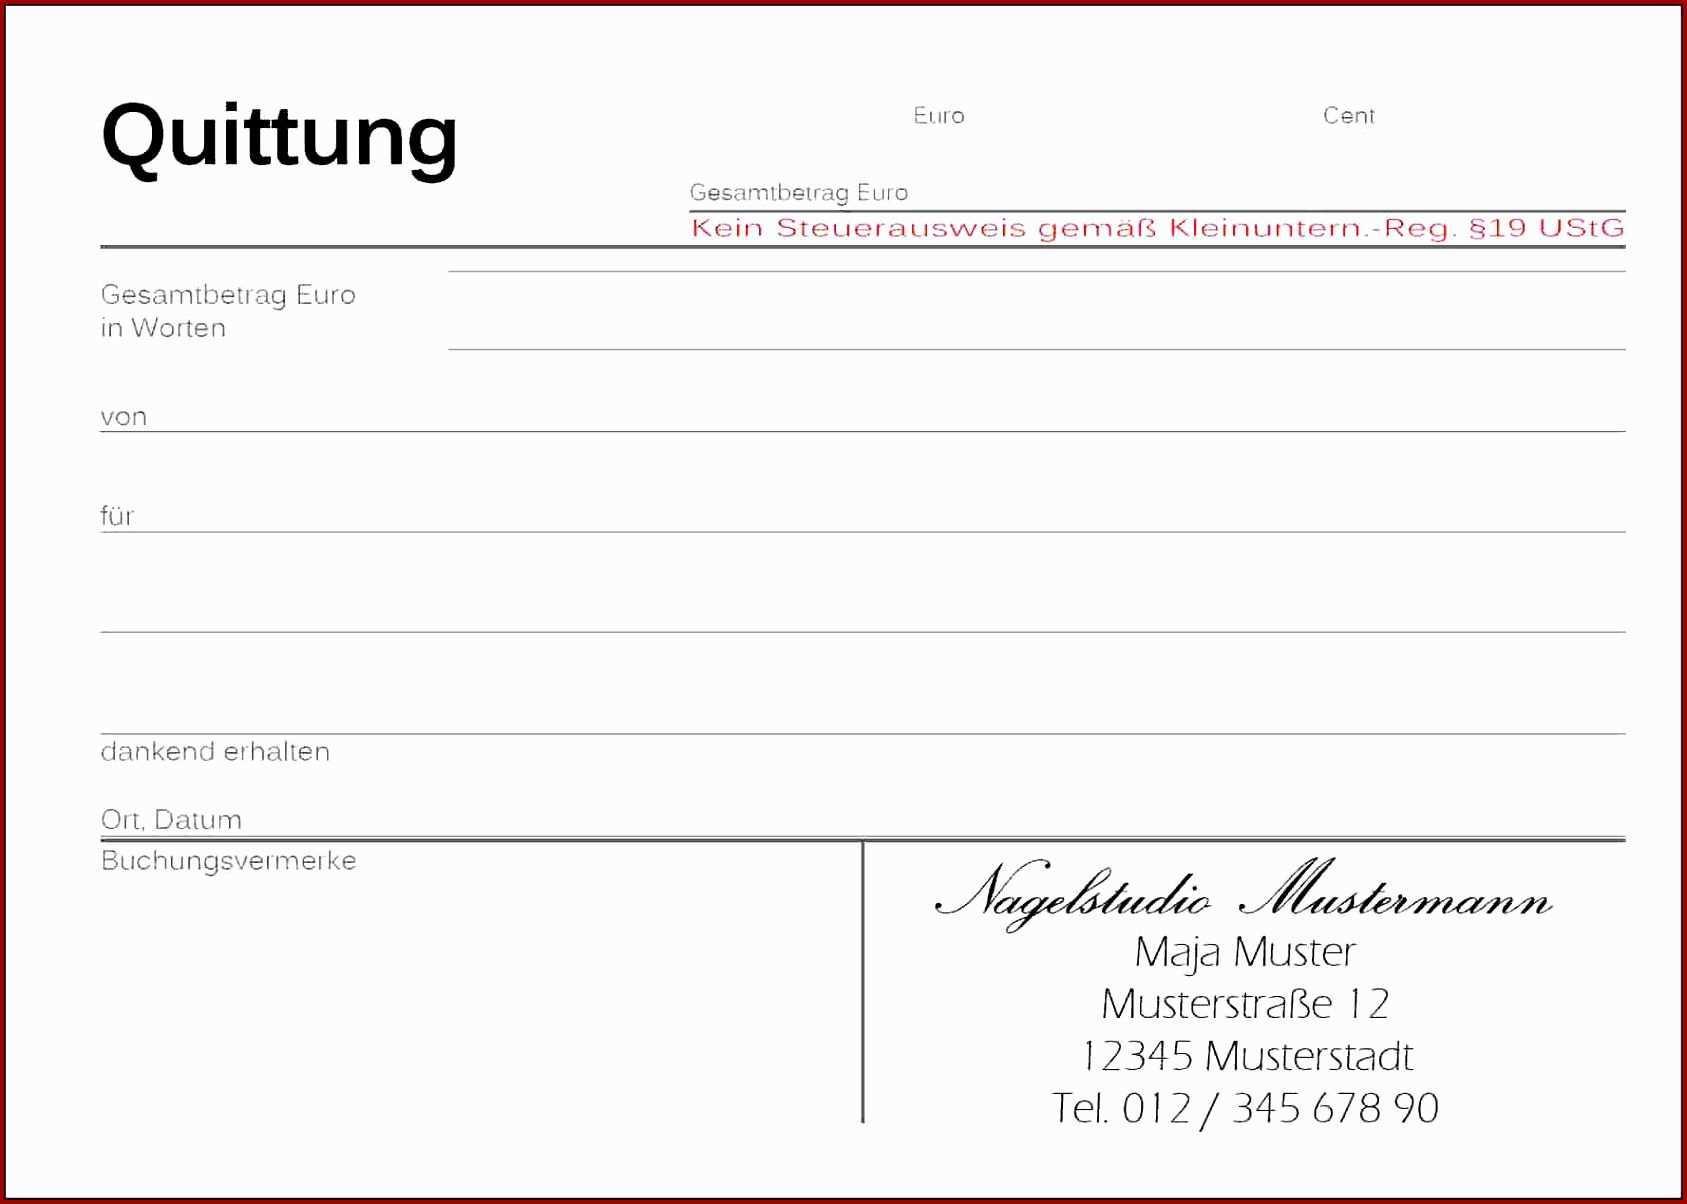 Muster Kleinunternehmer Rechnung Goeqss 6 Vorlage Quittung 12681776 Lebenslauf Lebenslauf Vorlage Schuler Lange Texte